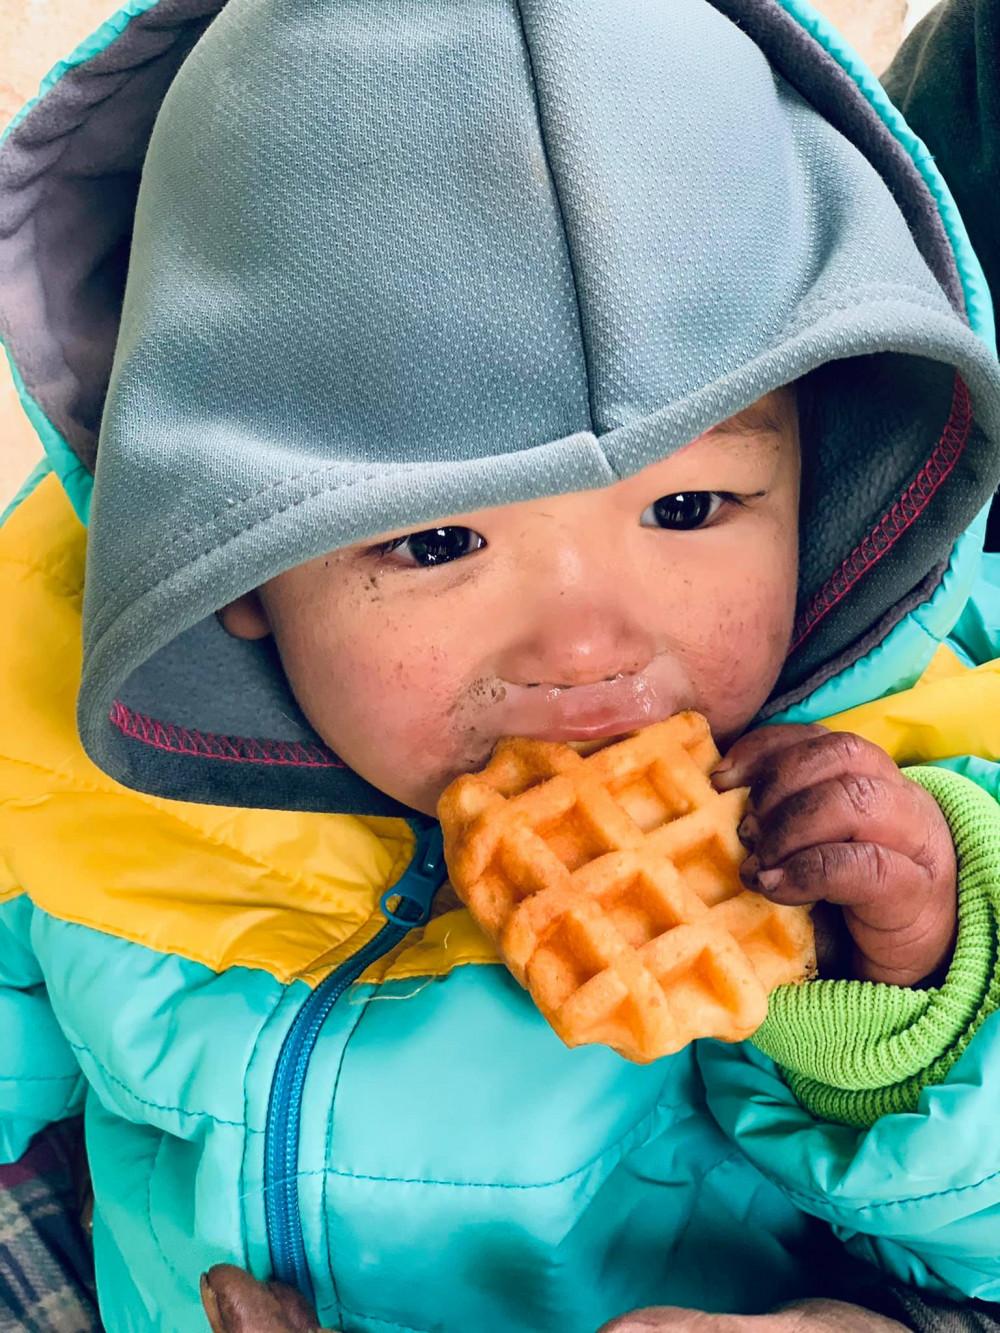 Em bé Hà Giang ăn vội miếng bánh khi mặt mũi tay chân còn lem luốc.